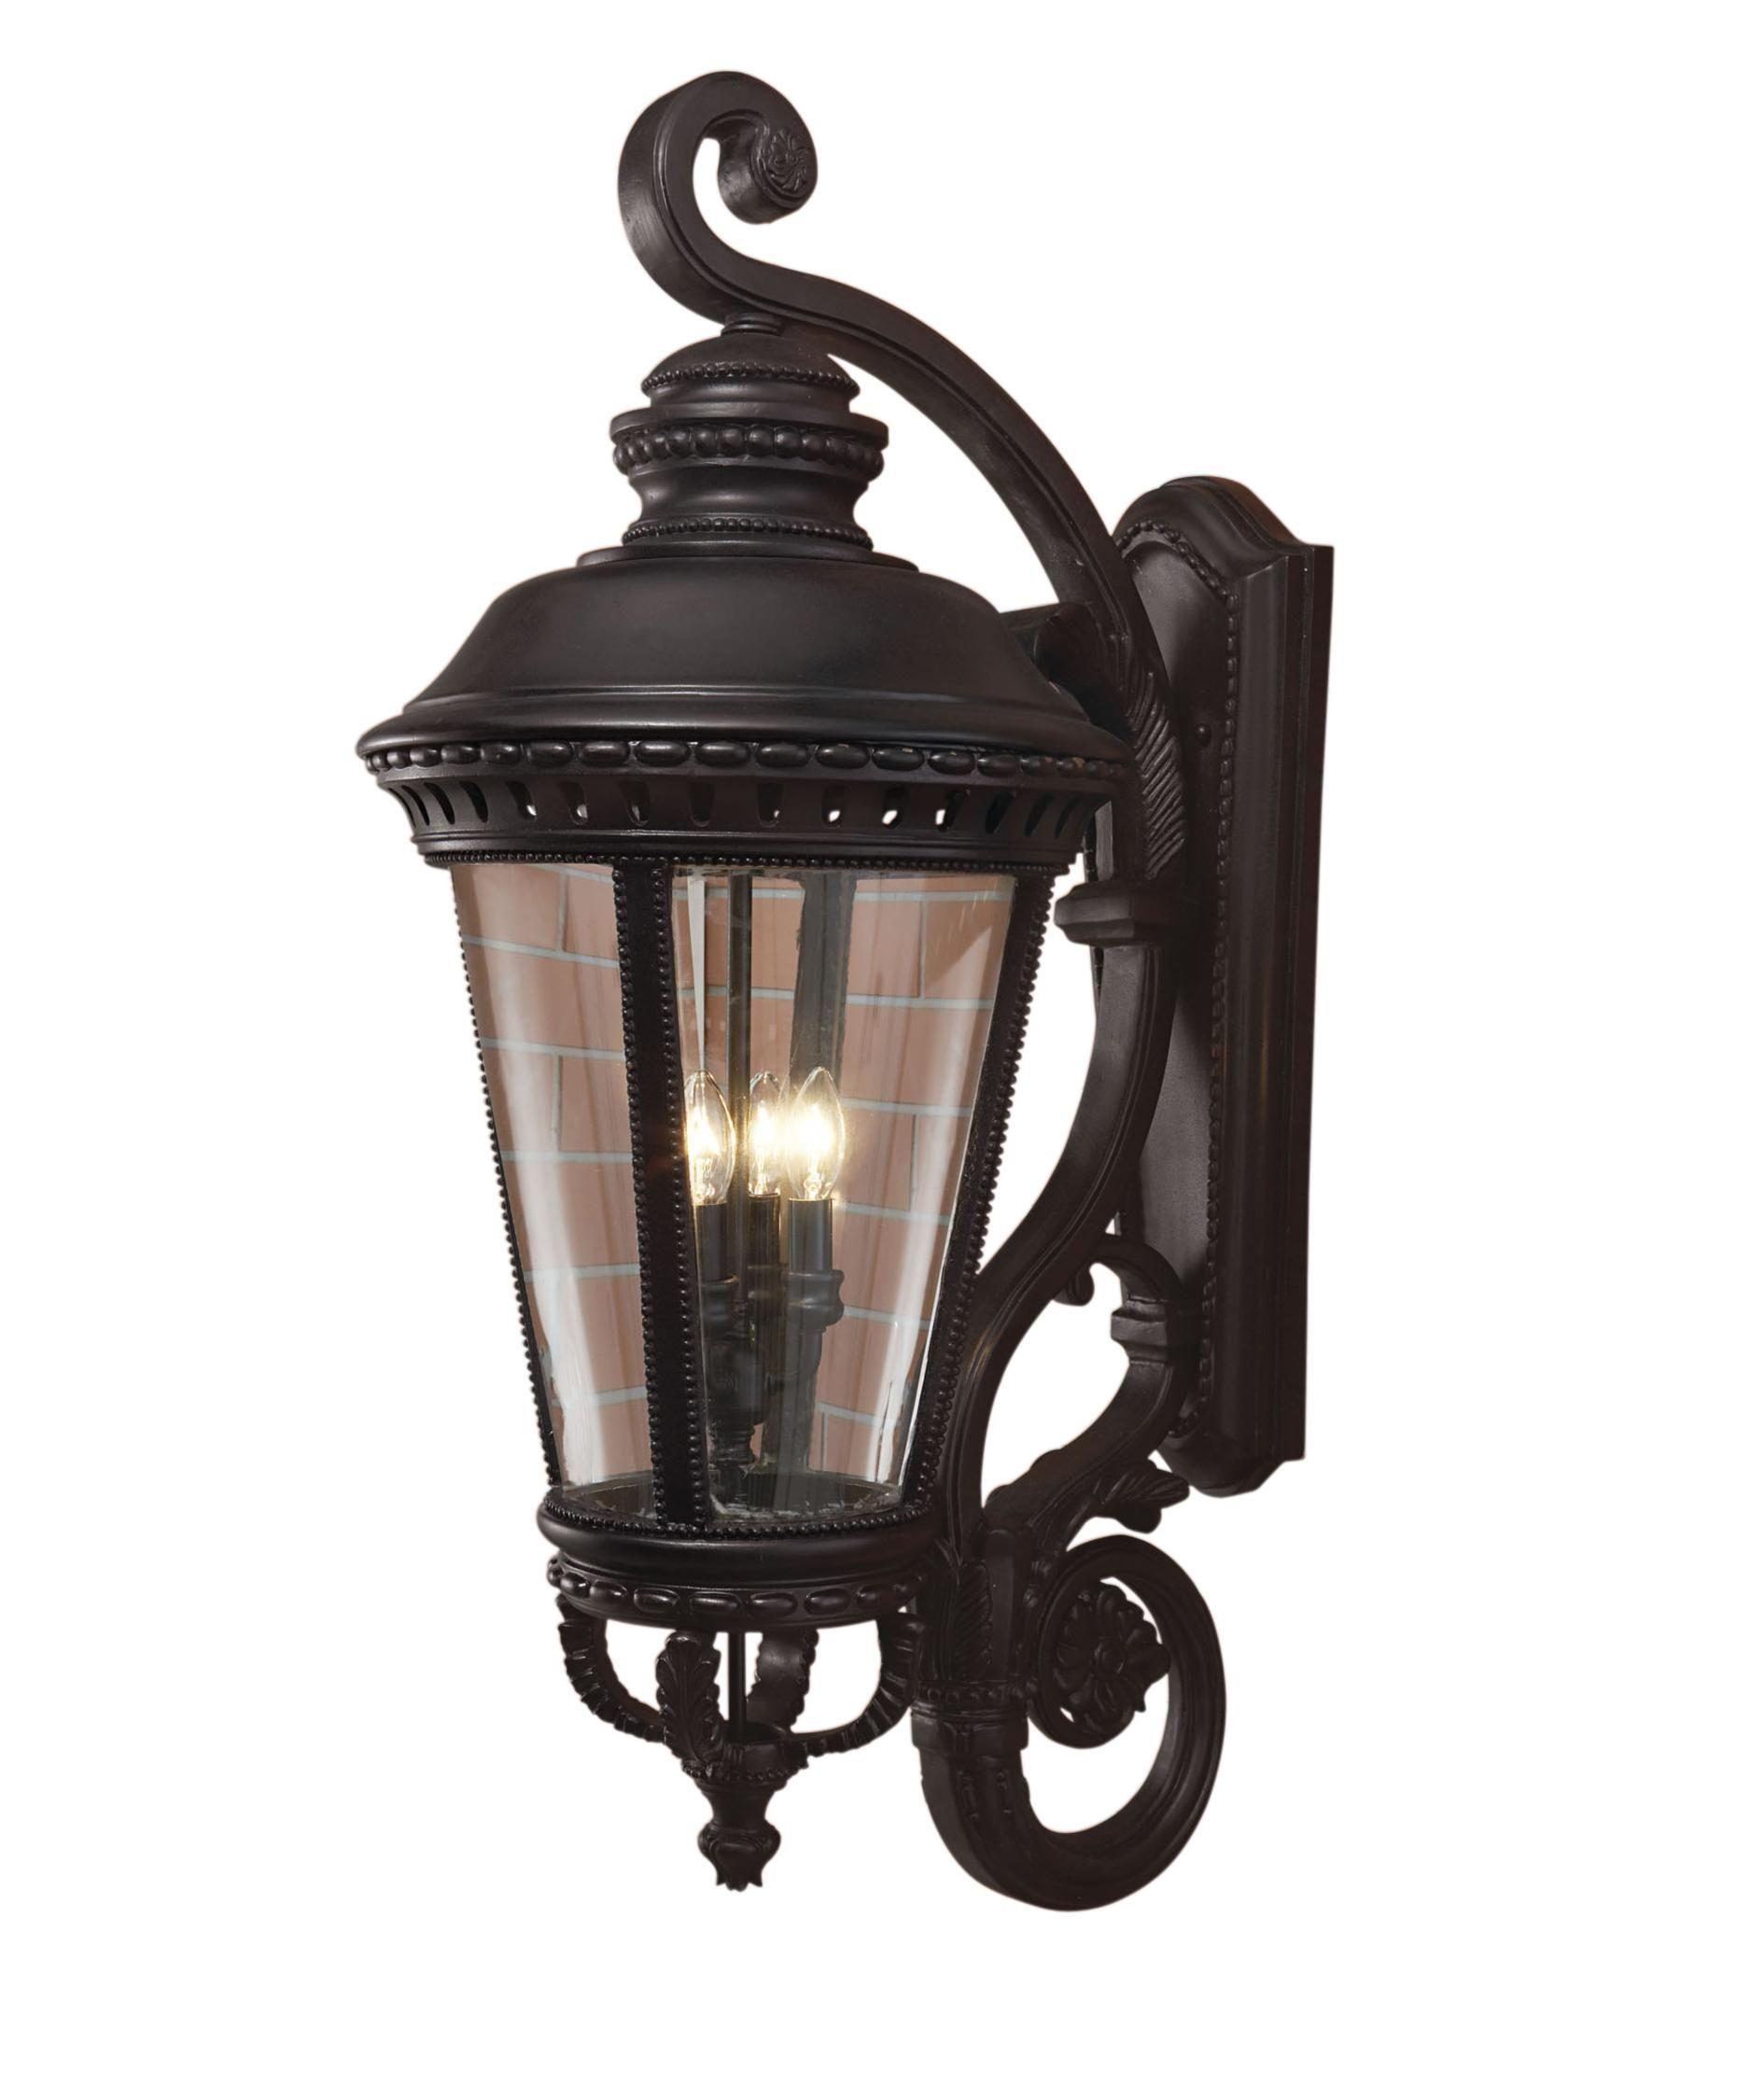 Murray Feiss Outdoor Lighting Fixtures